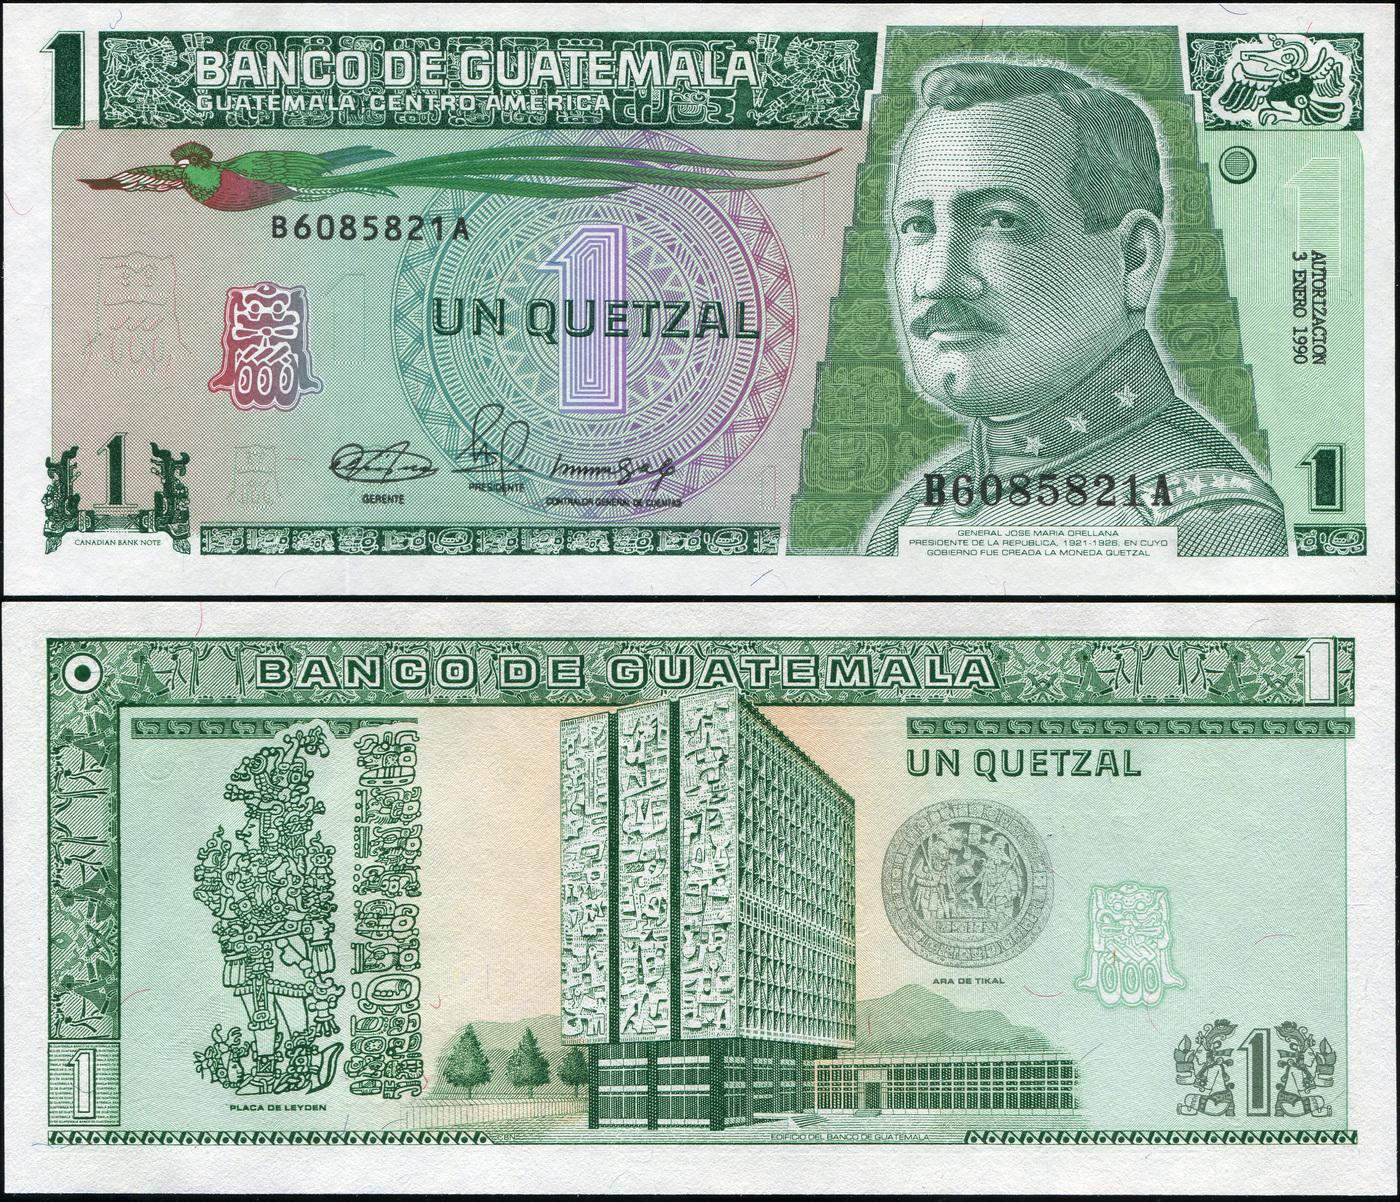 Банкнота. Гватемала 1 кетцаль. 03.01.1990 UNC. Кат.P.73a купюра 5 кетцаль гватемала 2008 год